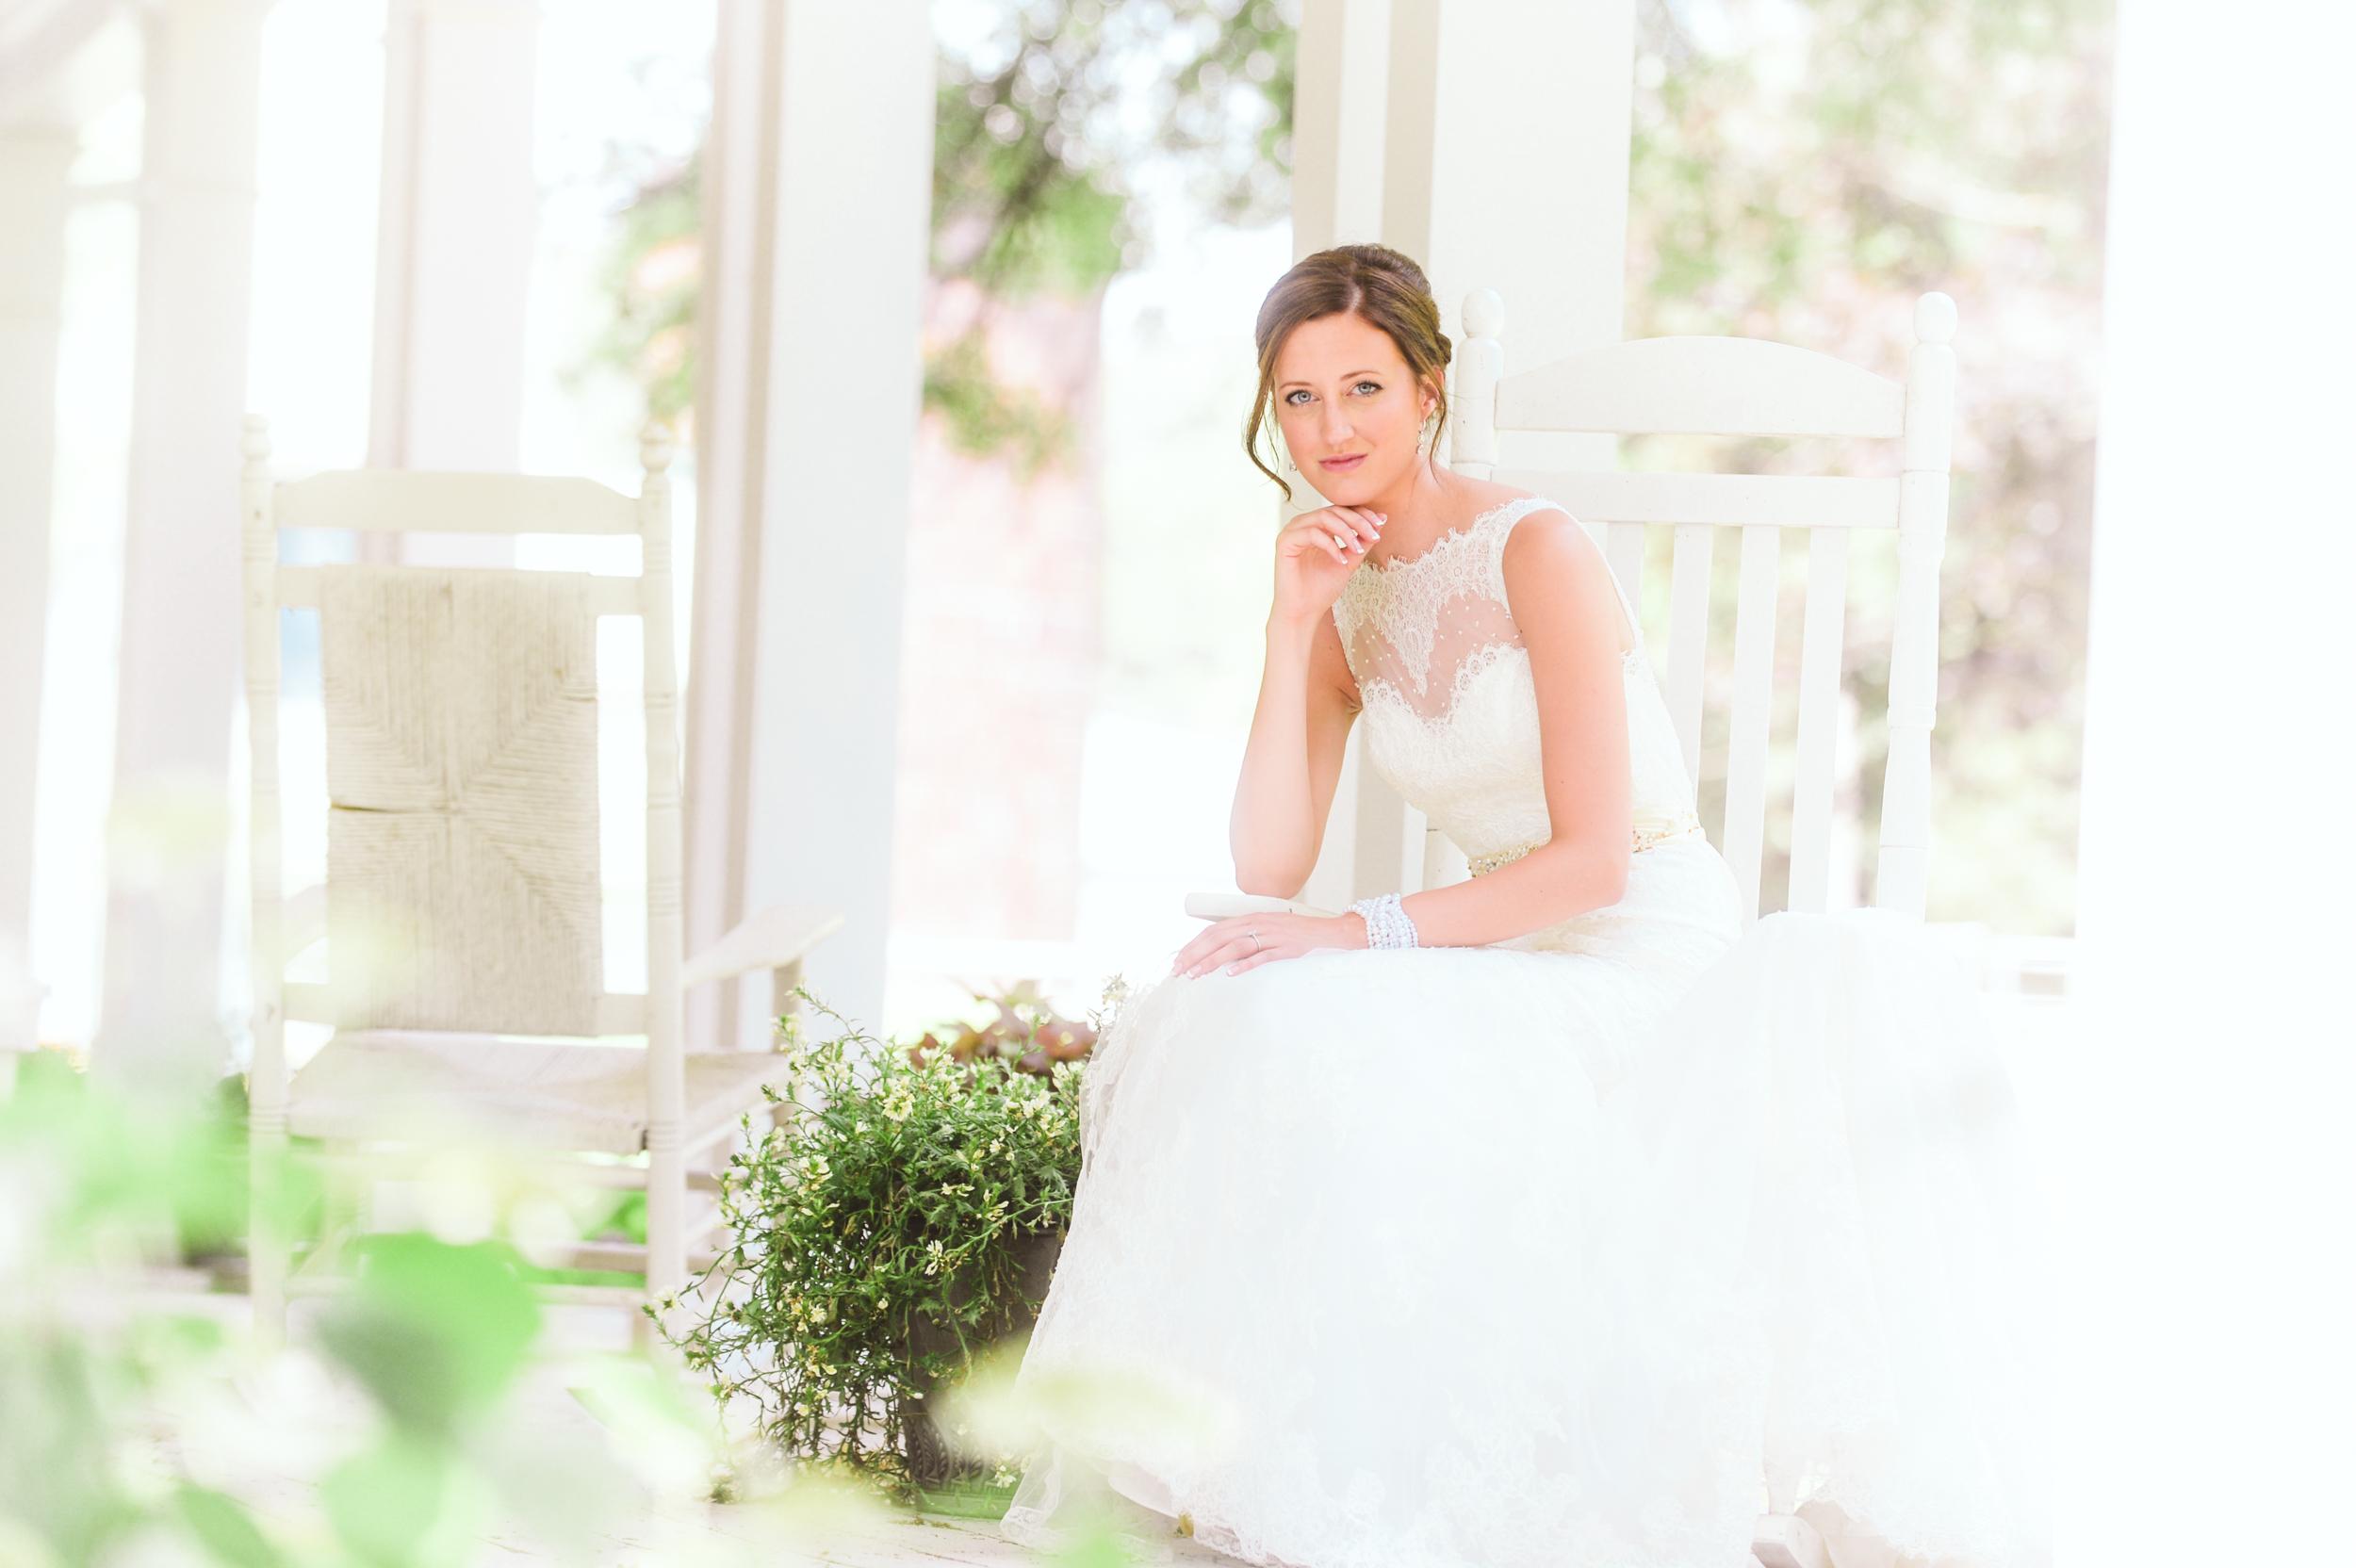 bridals©2015mileswittboyer-26.jpg